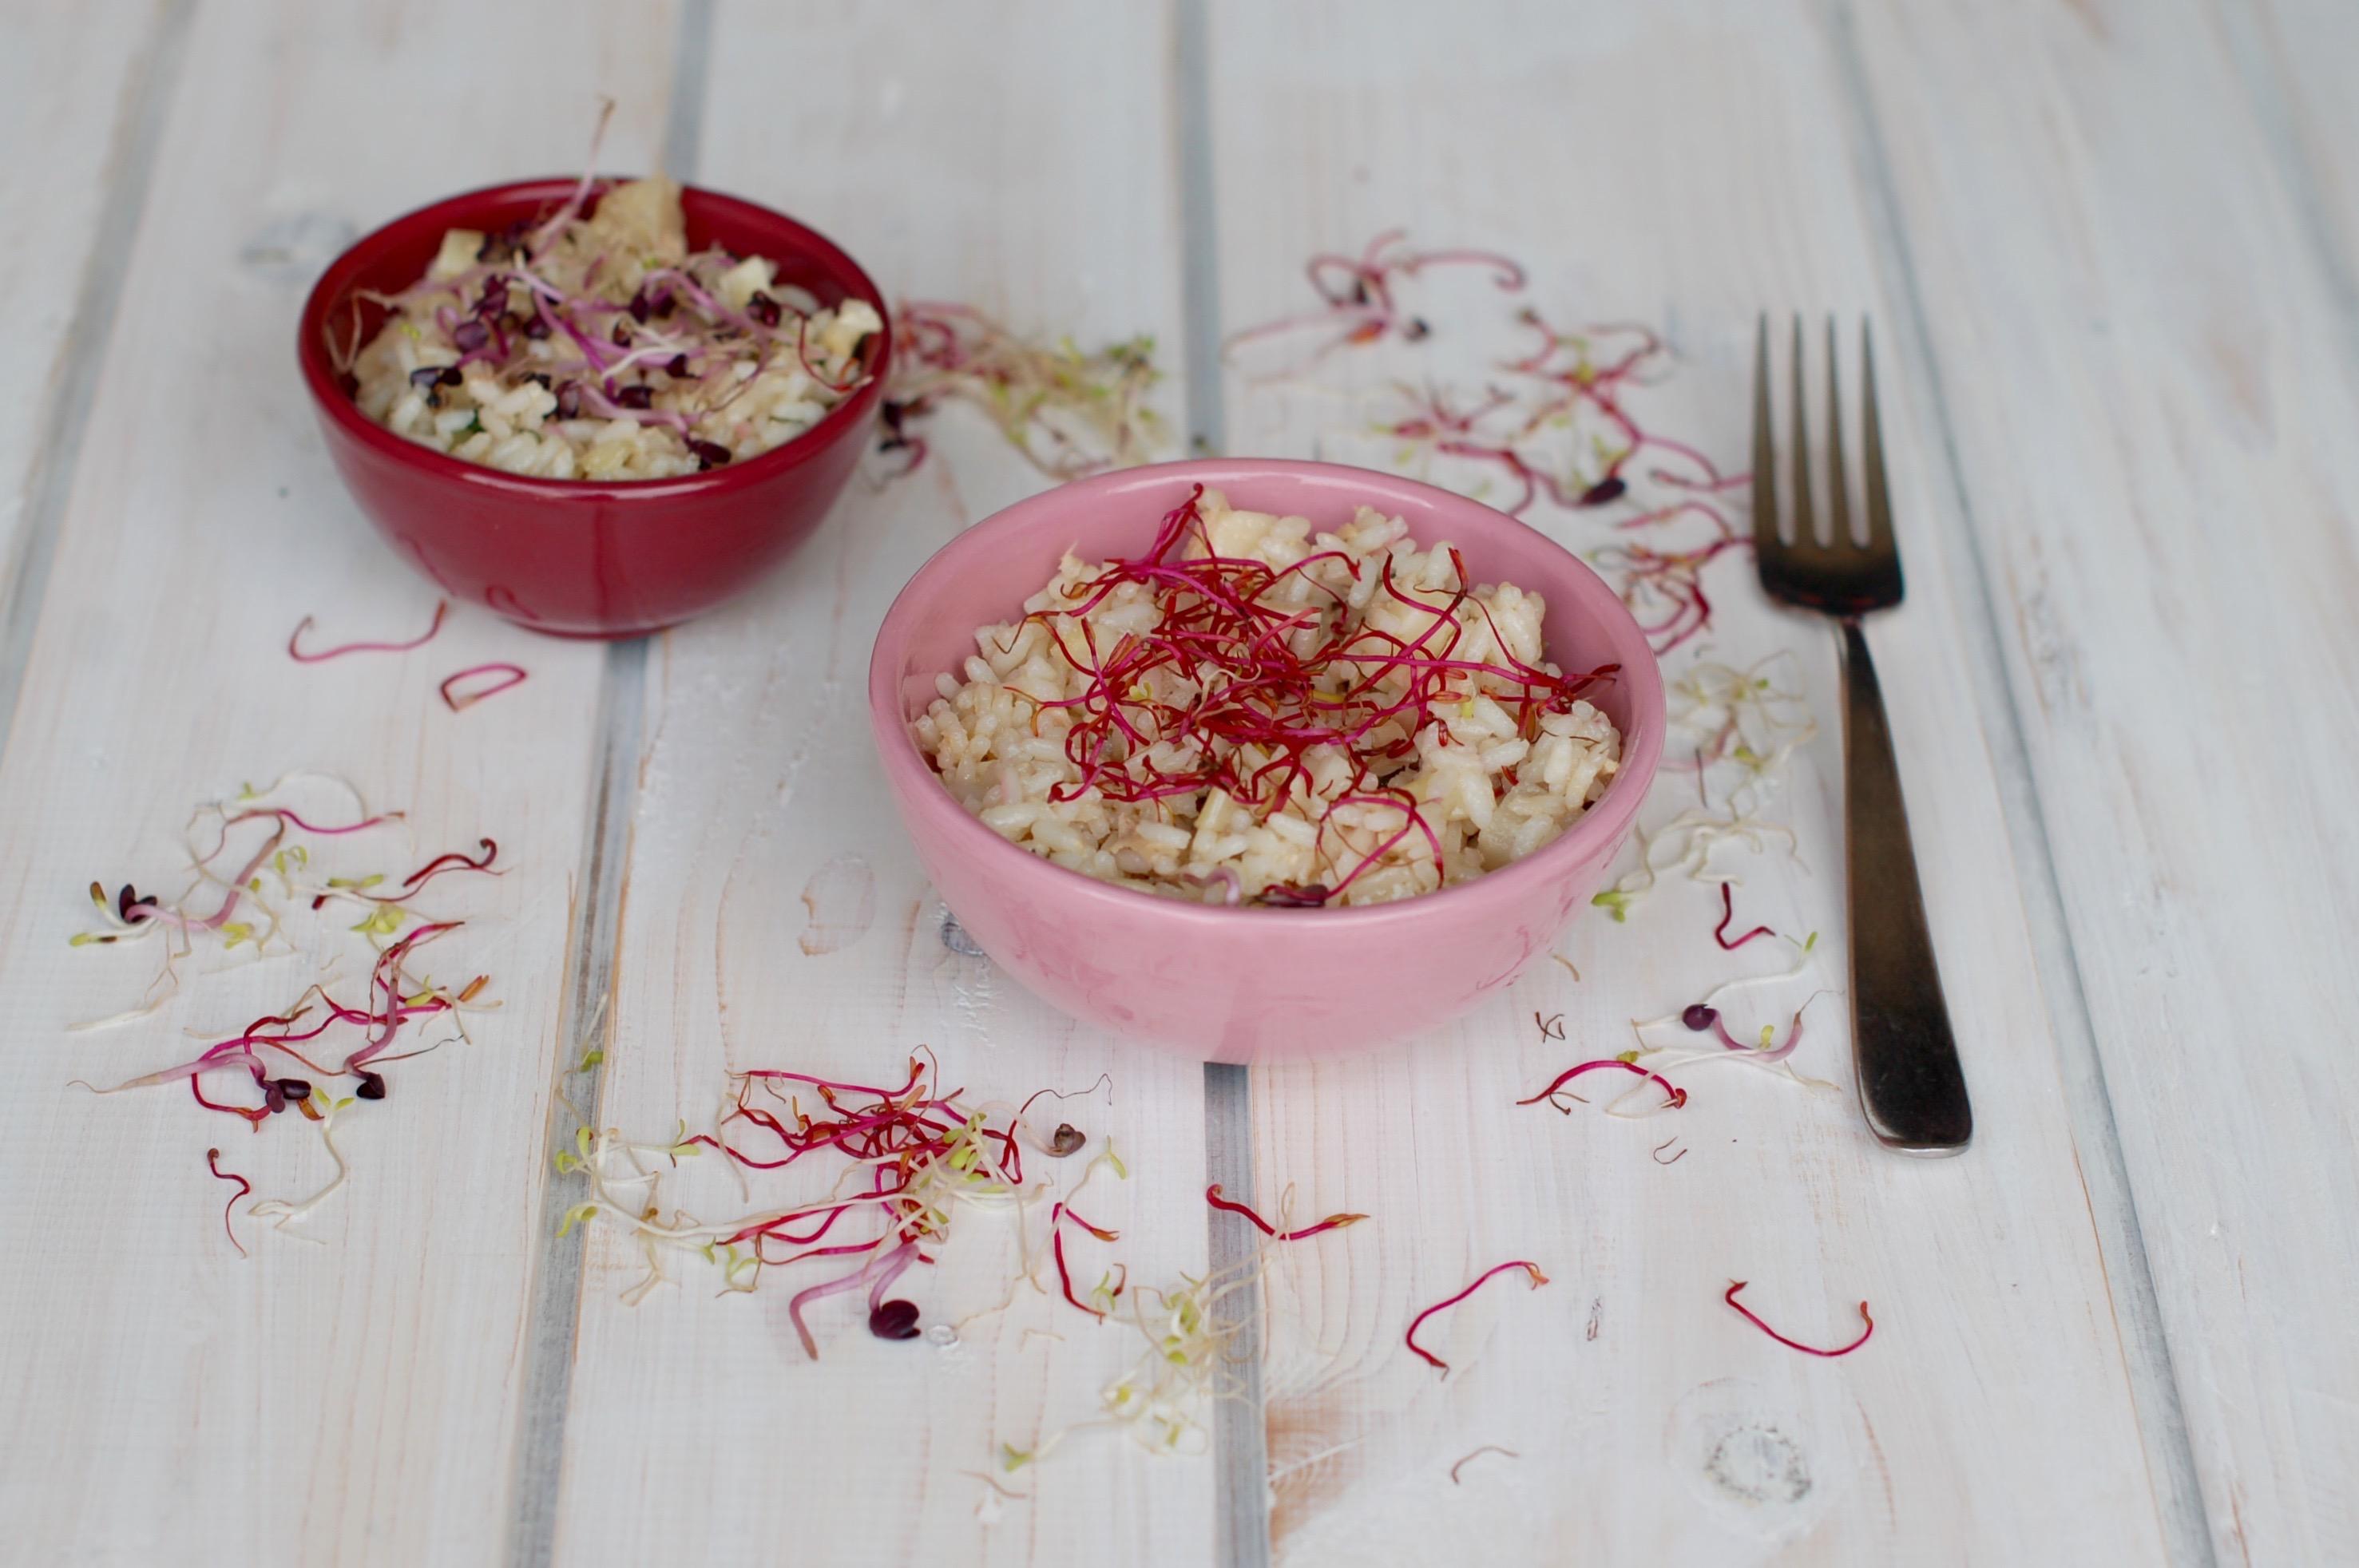 Insalata di riso con germogli Azuki rossi